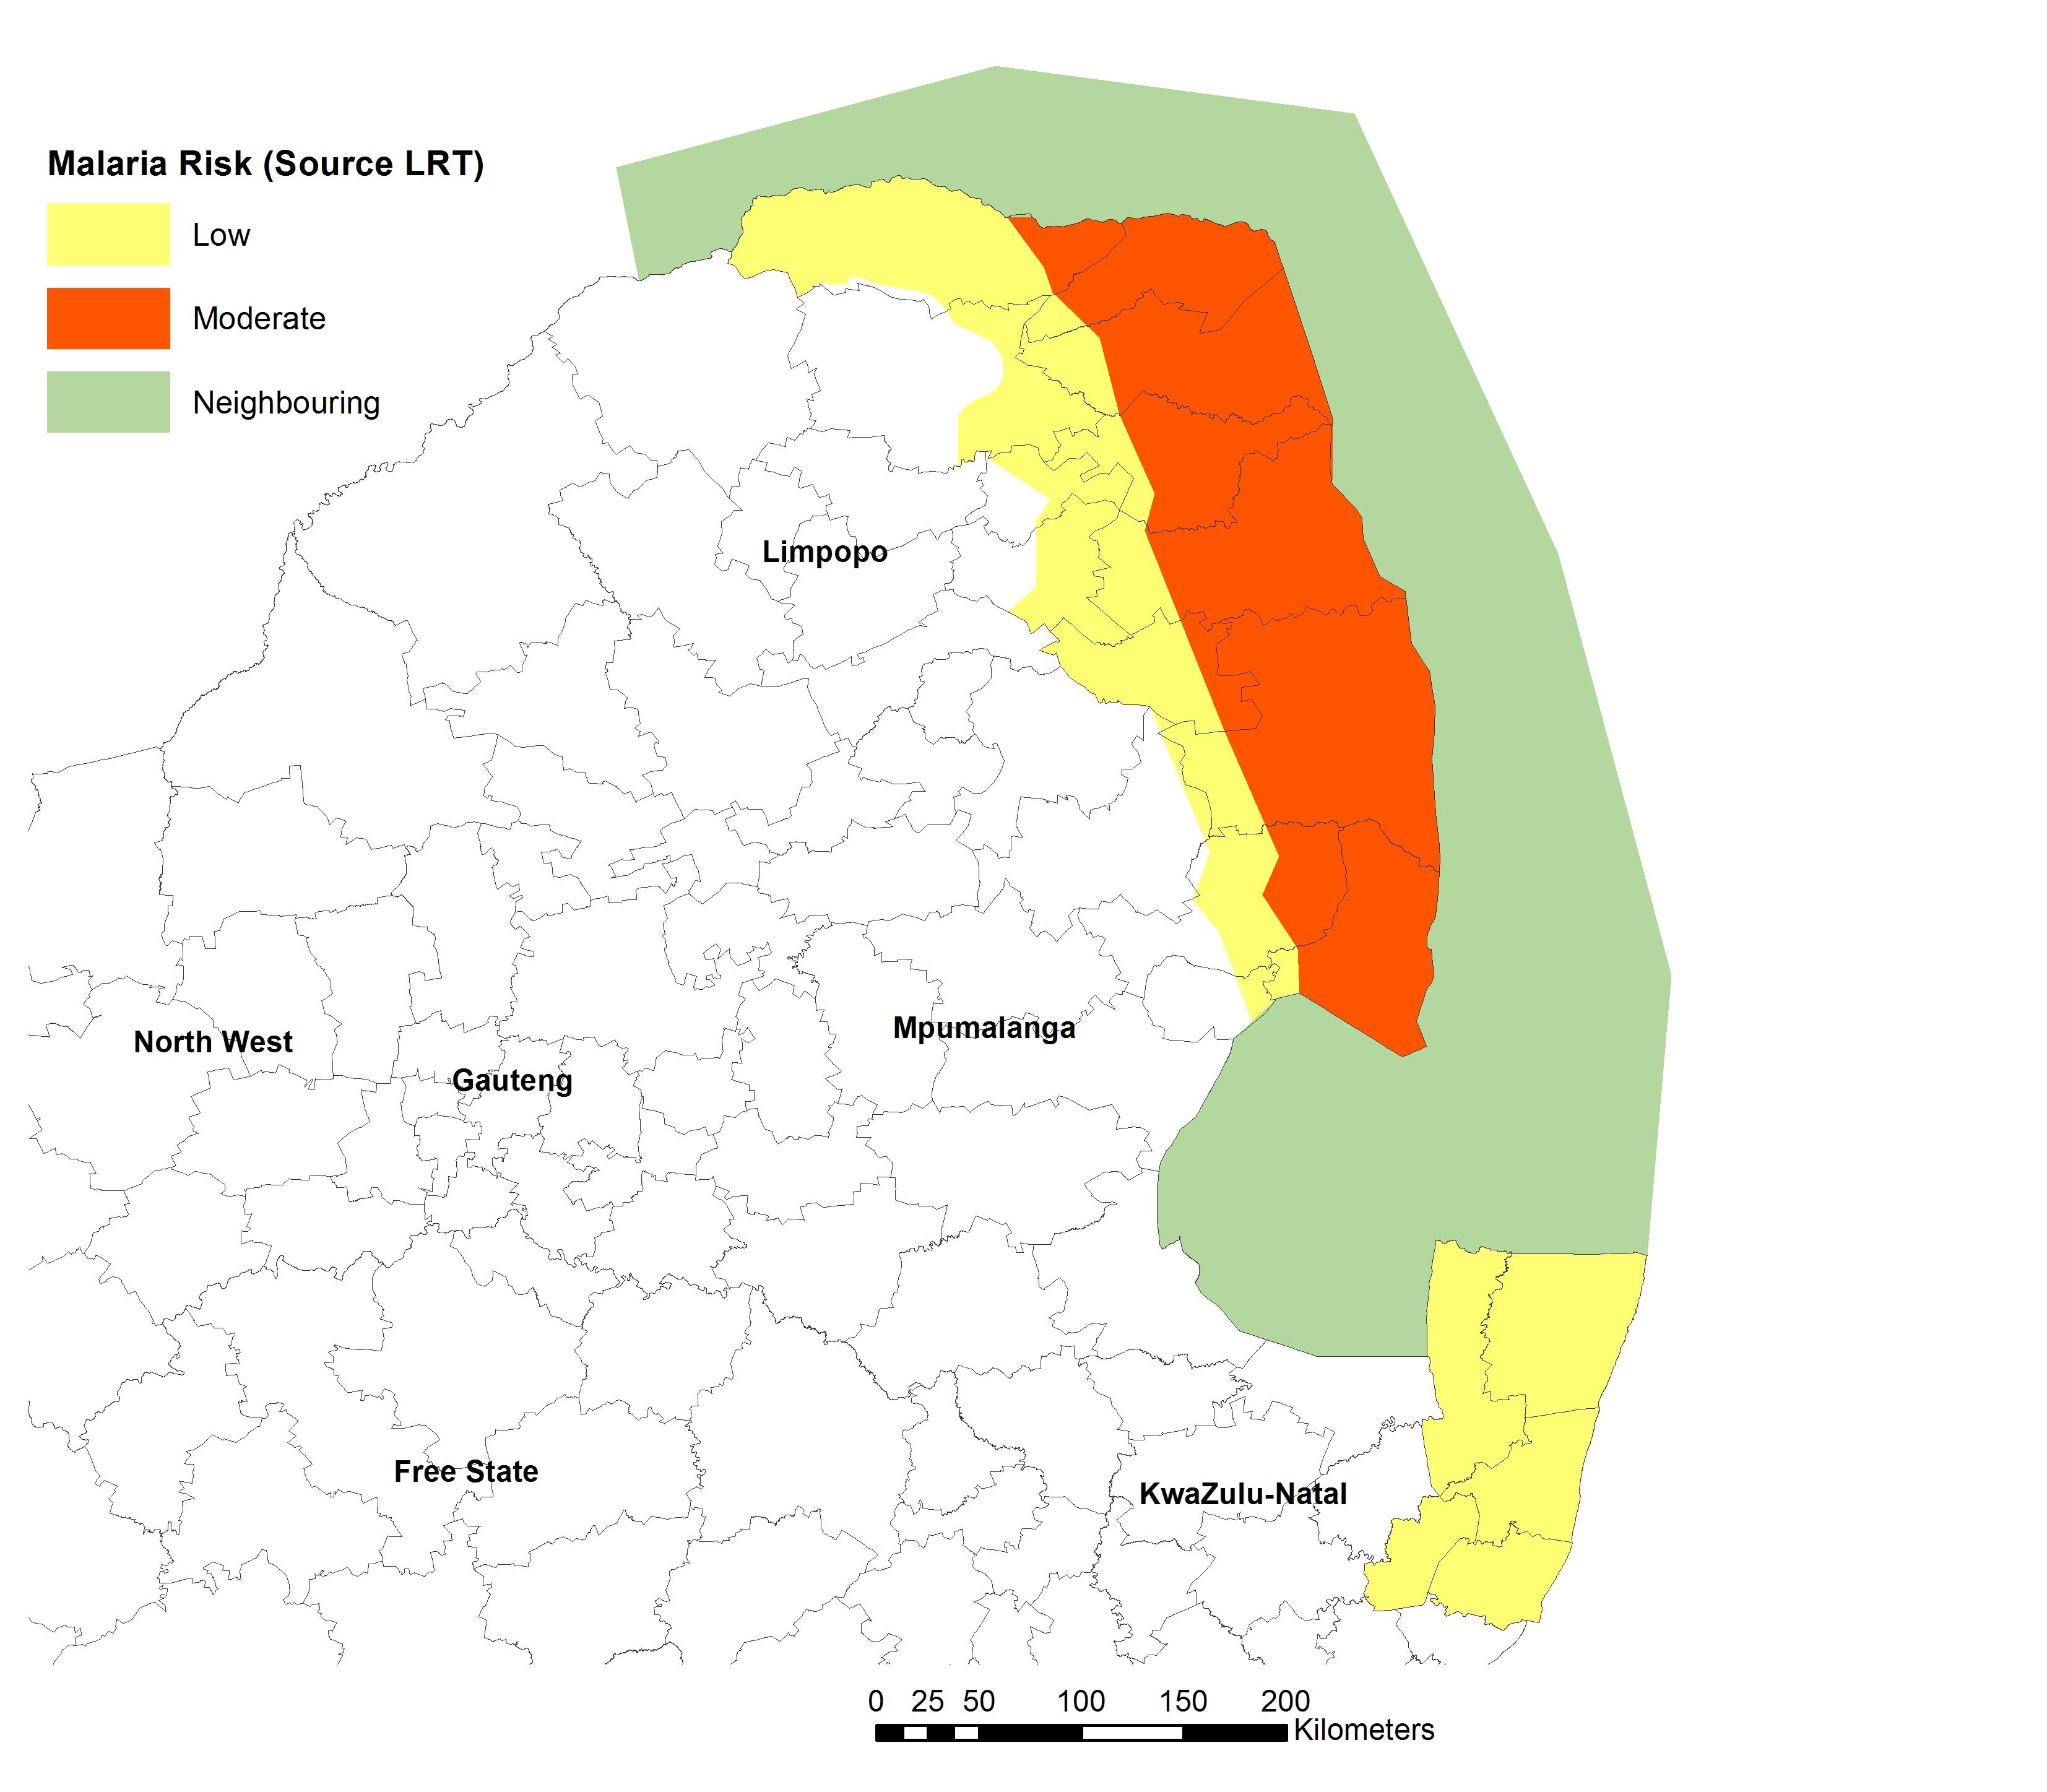 malaria risk